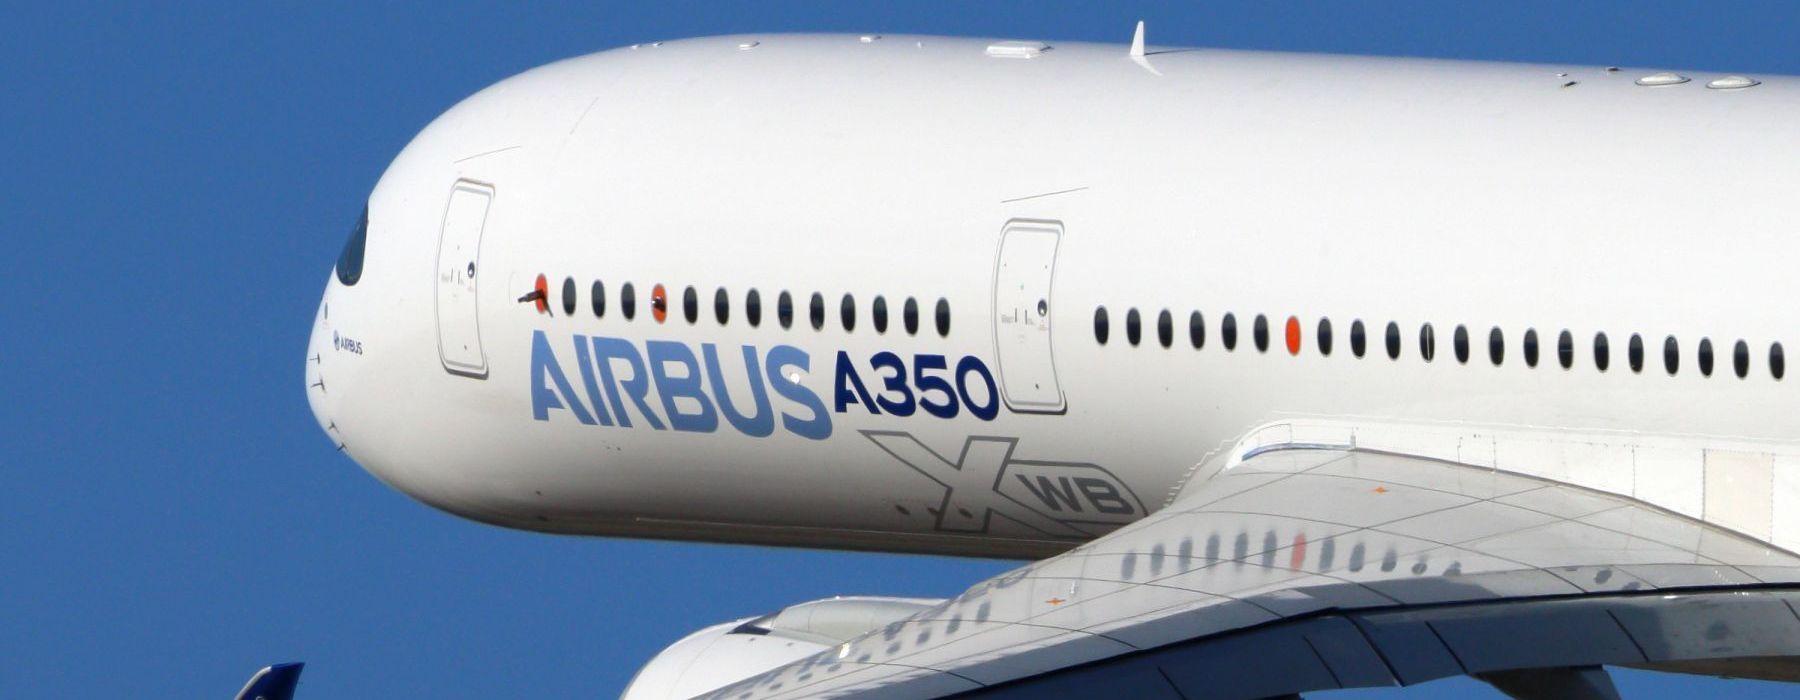 傳砸1800億台幣  星宇航空買17架空巴A350客機